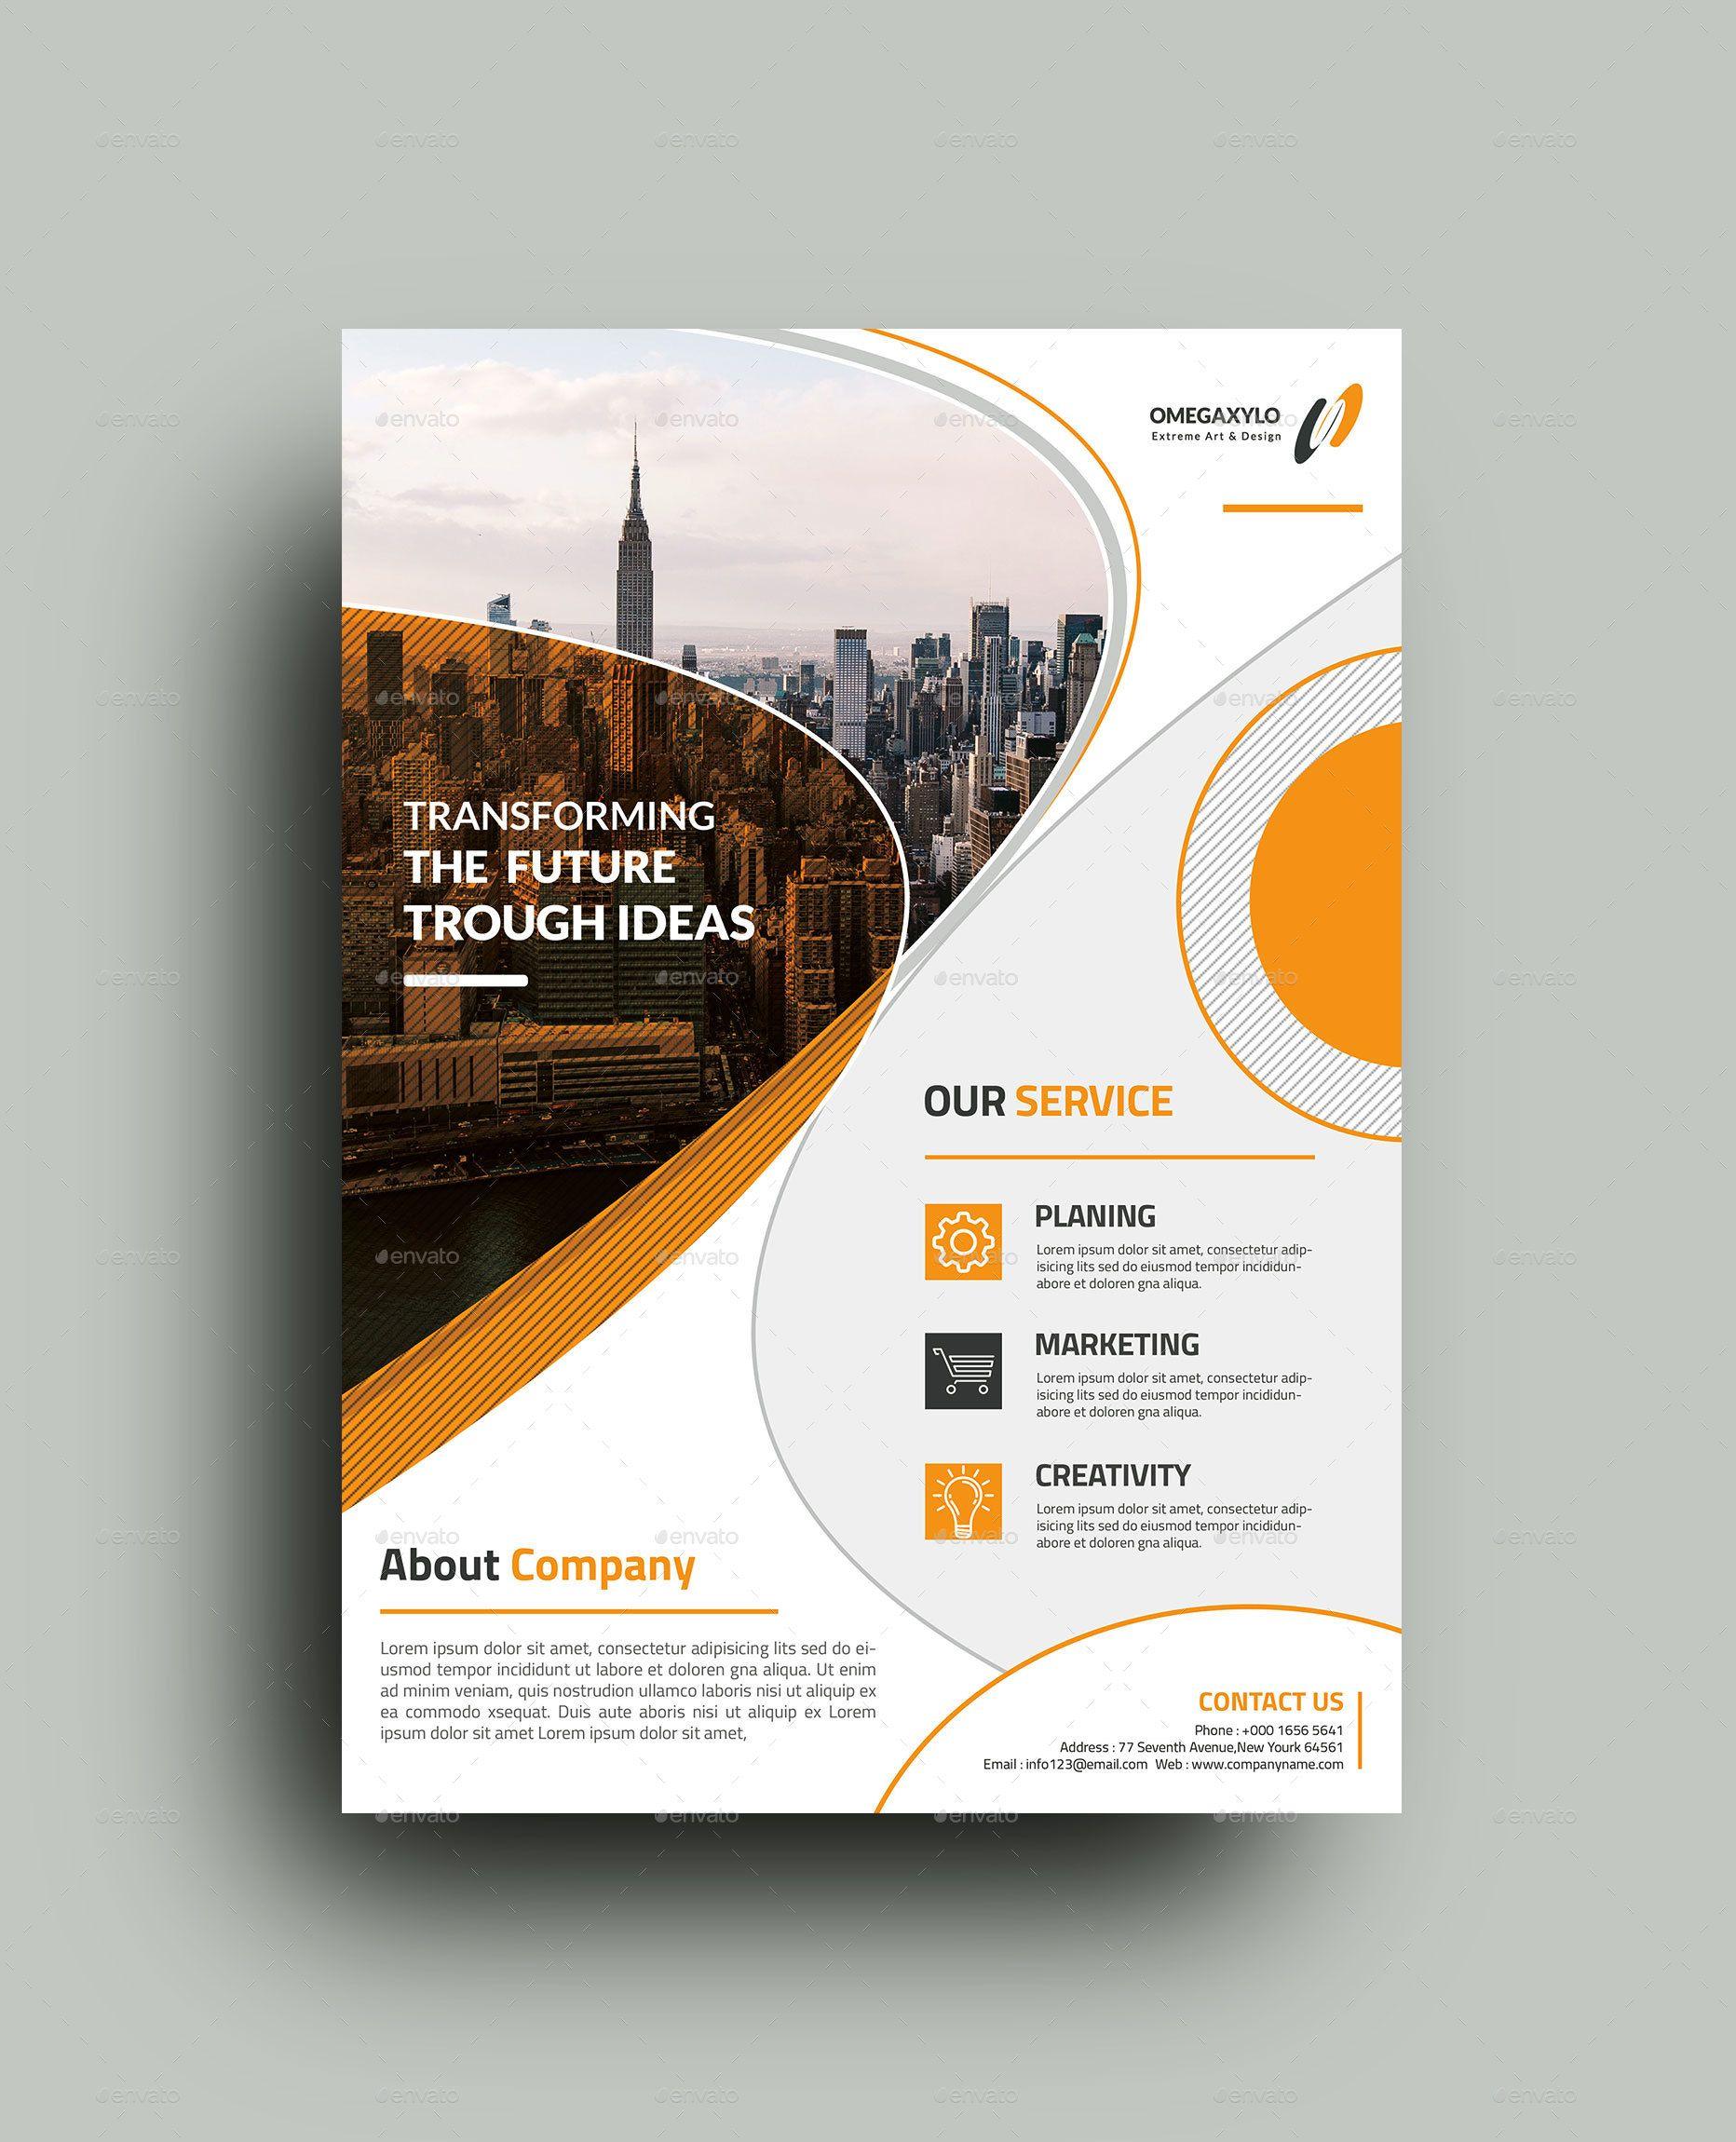 디자인 전문 회사 굳디자인연구소 디자인 레이아웃 프레젠테이션